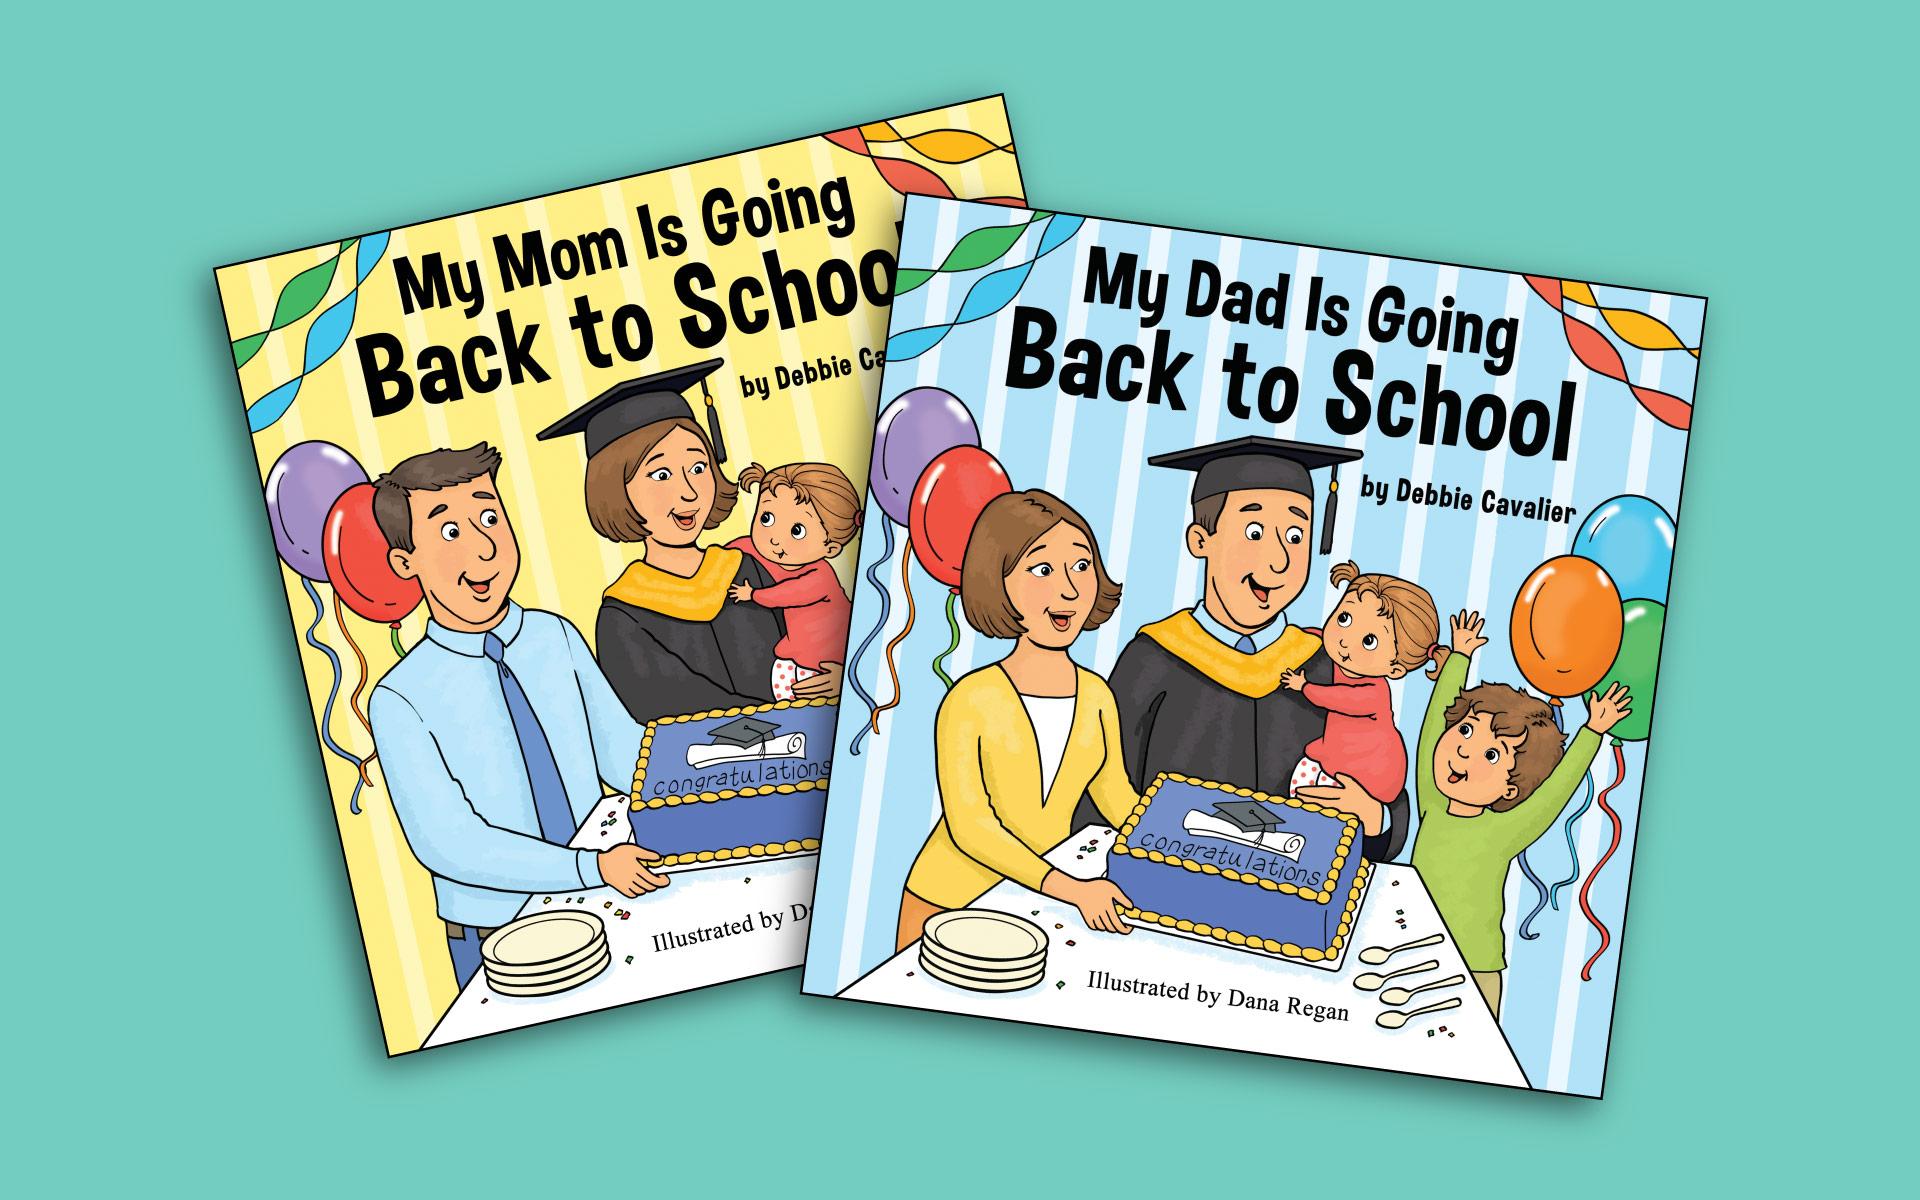 Berklee Online CEO Debbie Cavalier Releases New Children's Books Celebrating Lifelong Learning